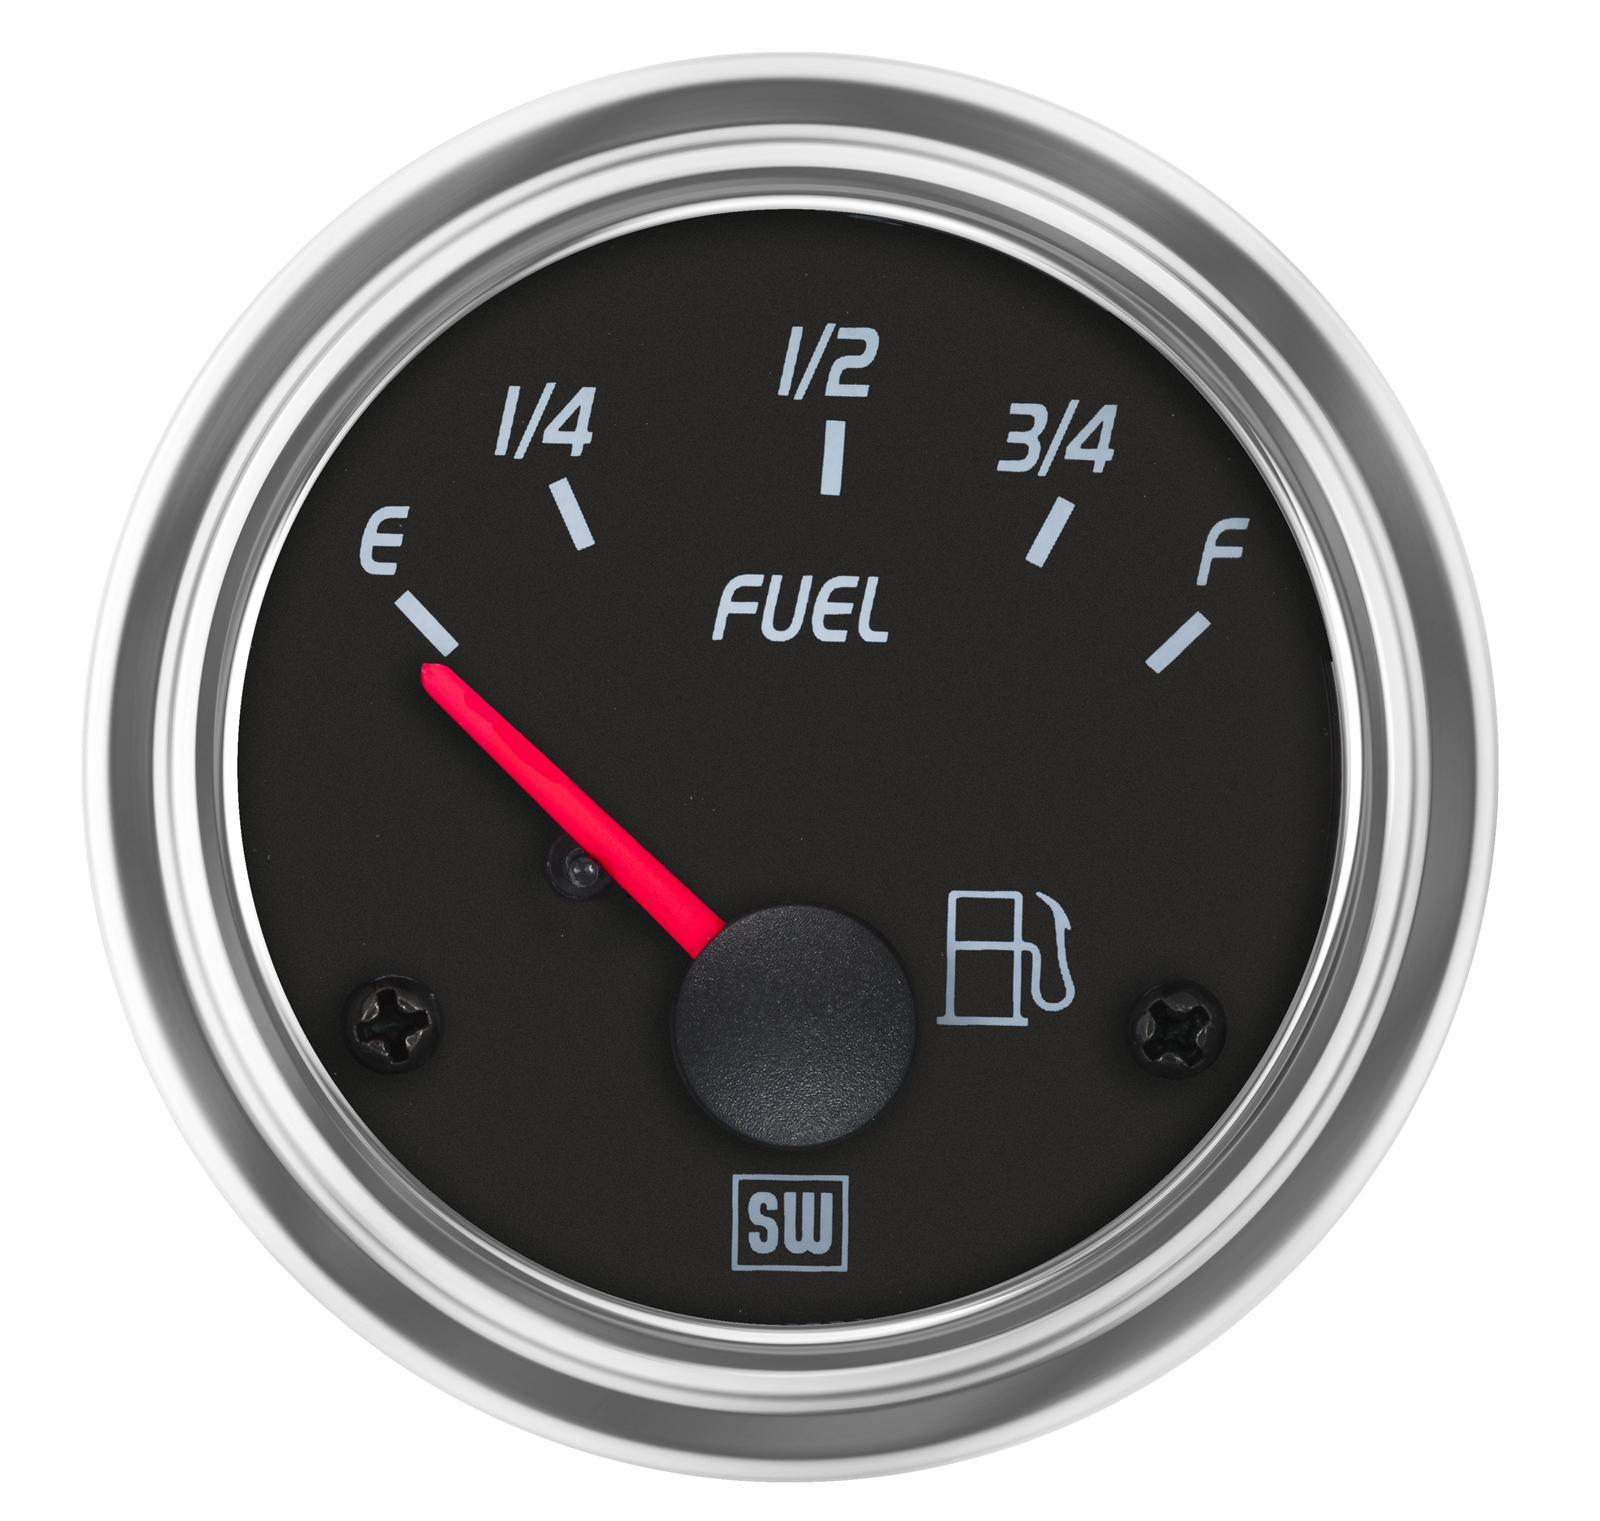 stewart warner gauges wiring diagrams nissan navara diagram d40 gauge line series 122258 free